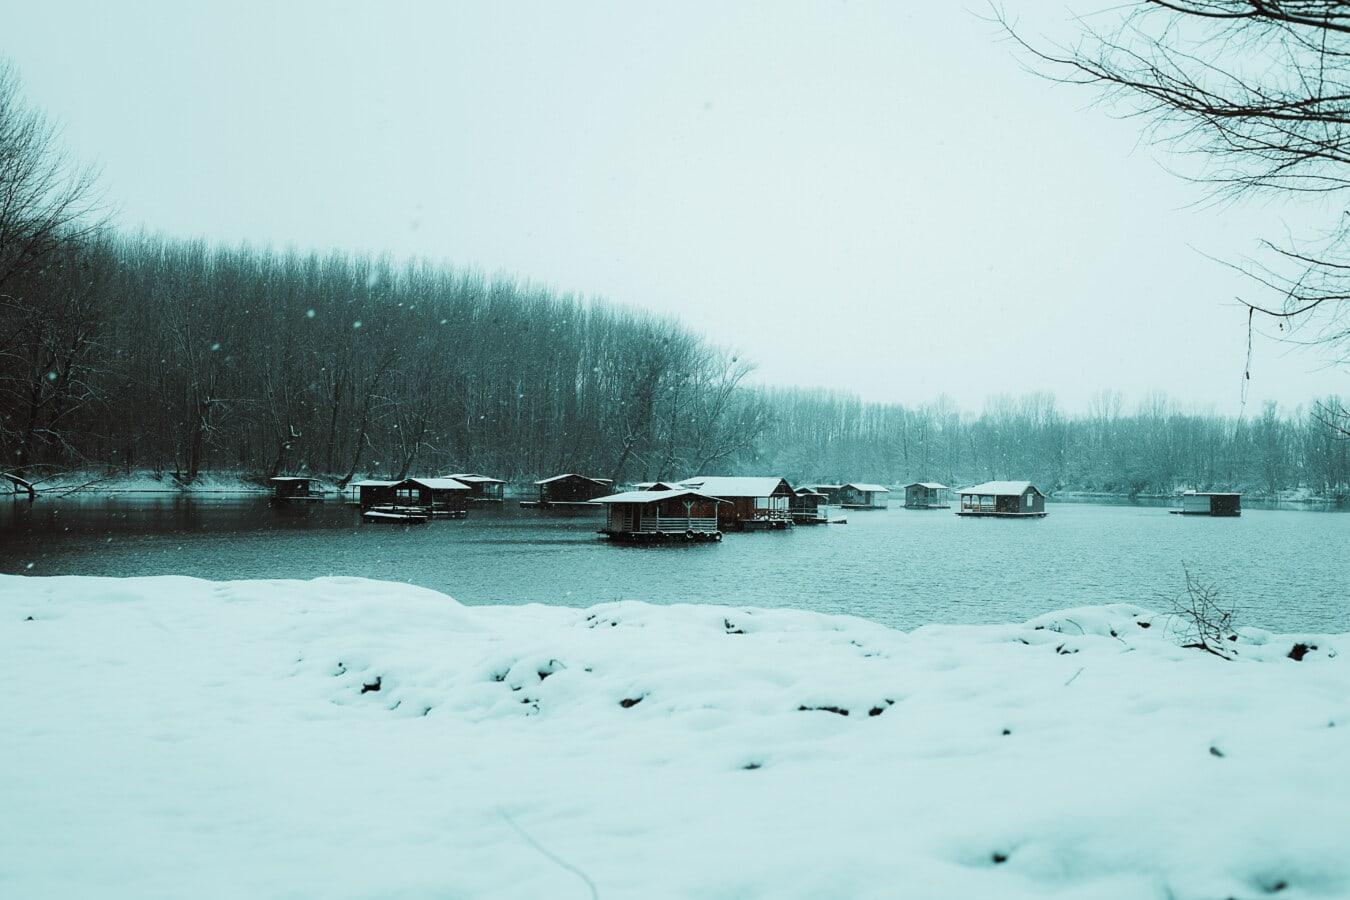 paysage, Hiver, soirée, eau froide, neigeux, Panorama, météo, neige, froide, glace